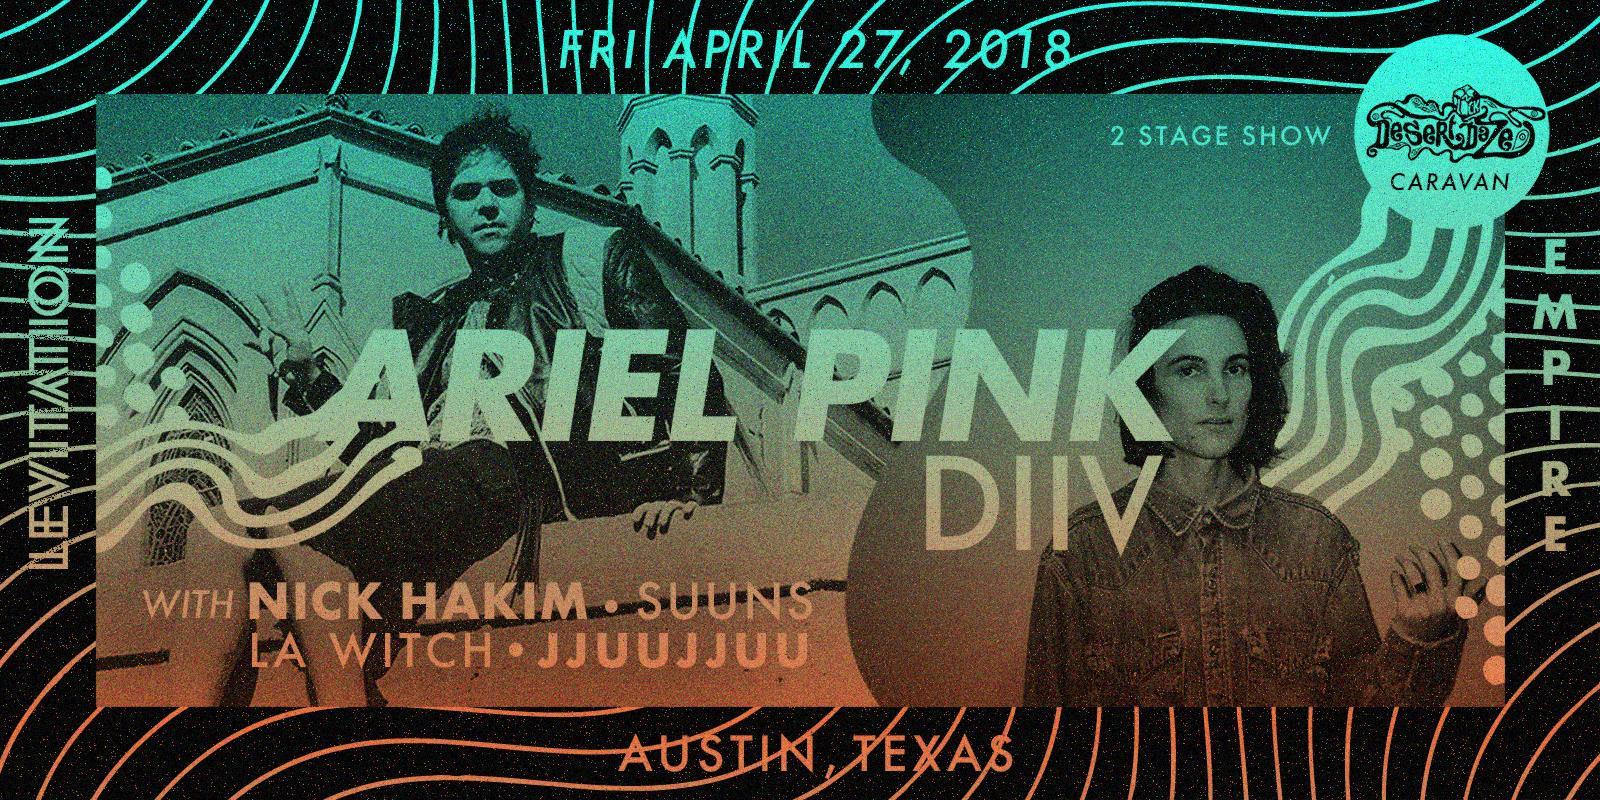 Ariel Pink, DIIV, Nick Hakim, SUUNS, L.A. Witch, JJUUJJUU